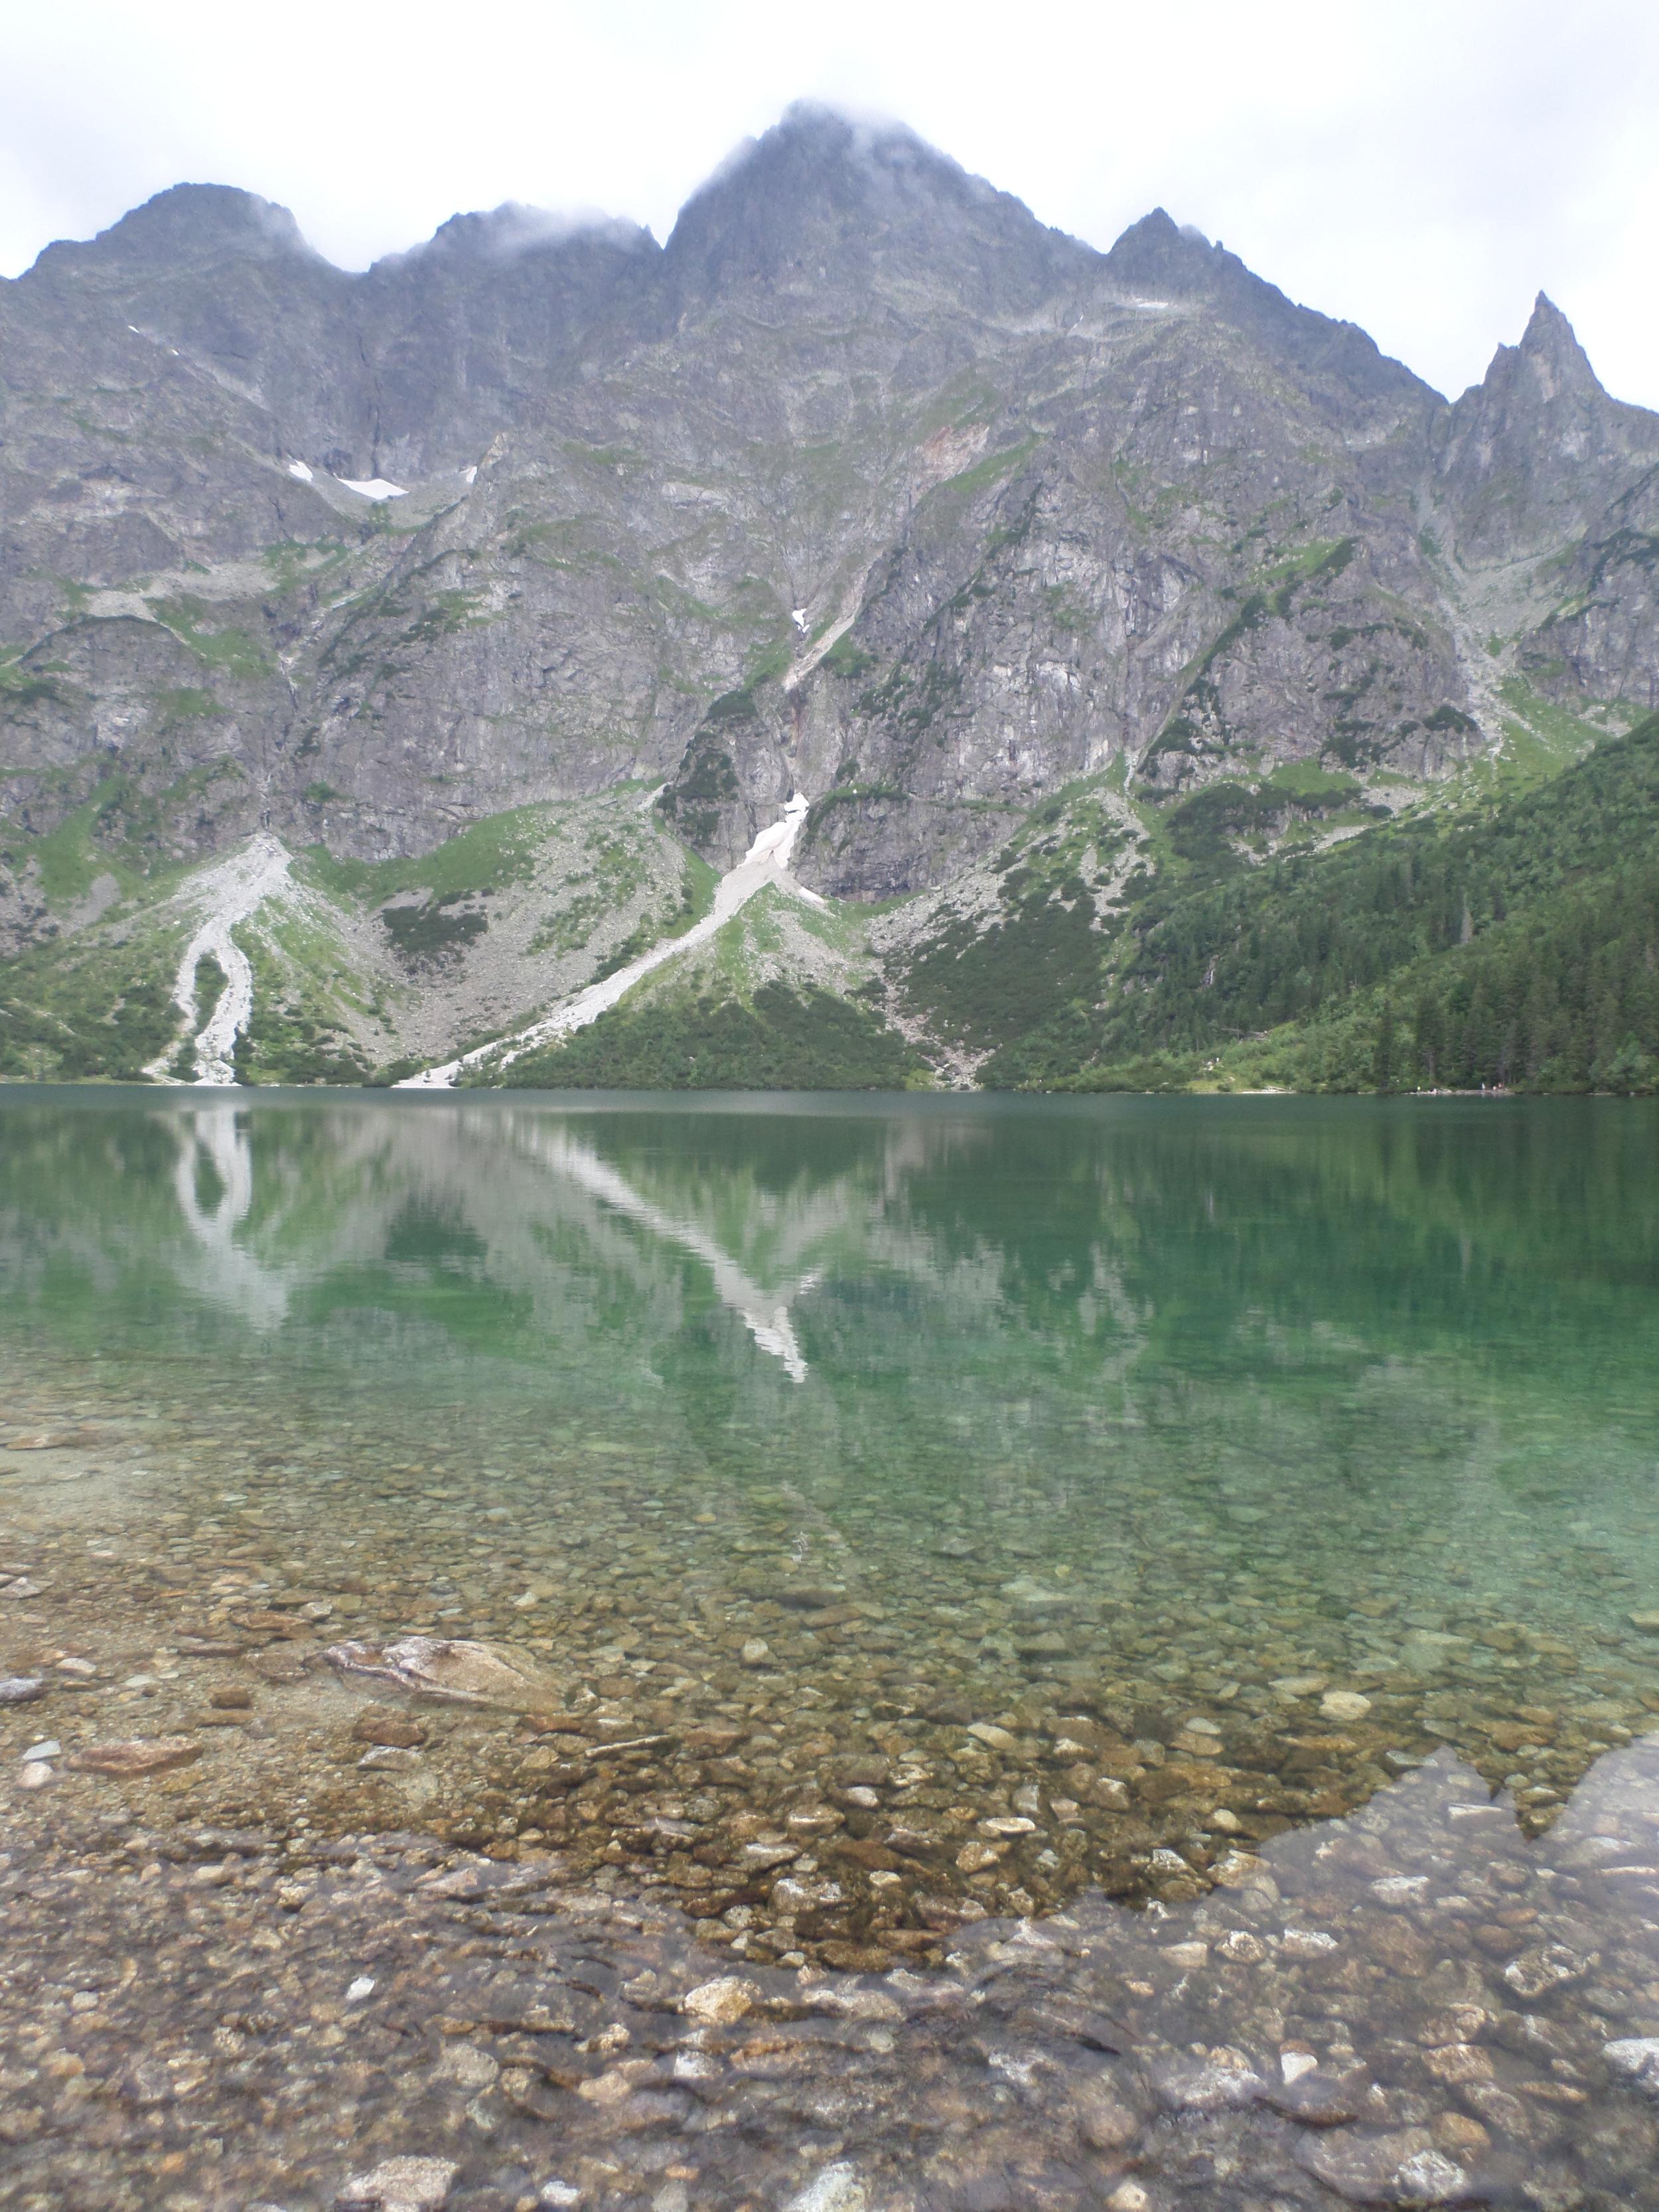 Hiking in Zakopane, Polandwith a view of theTatra Mountains